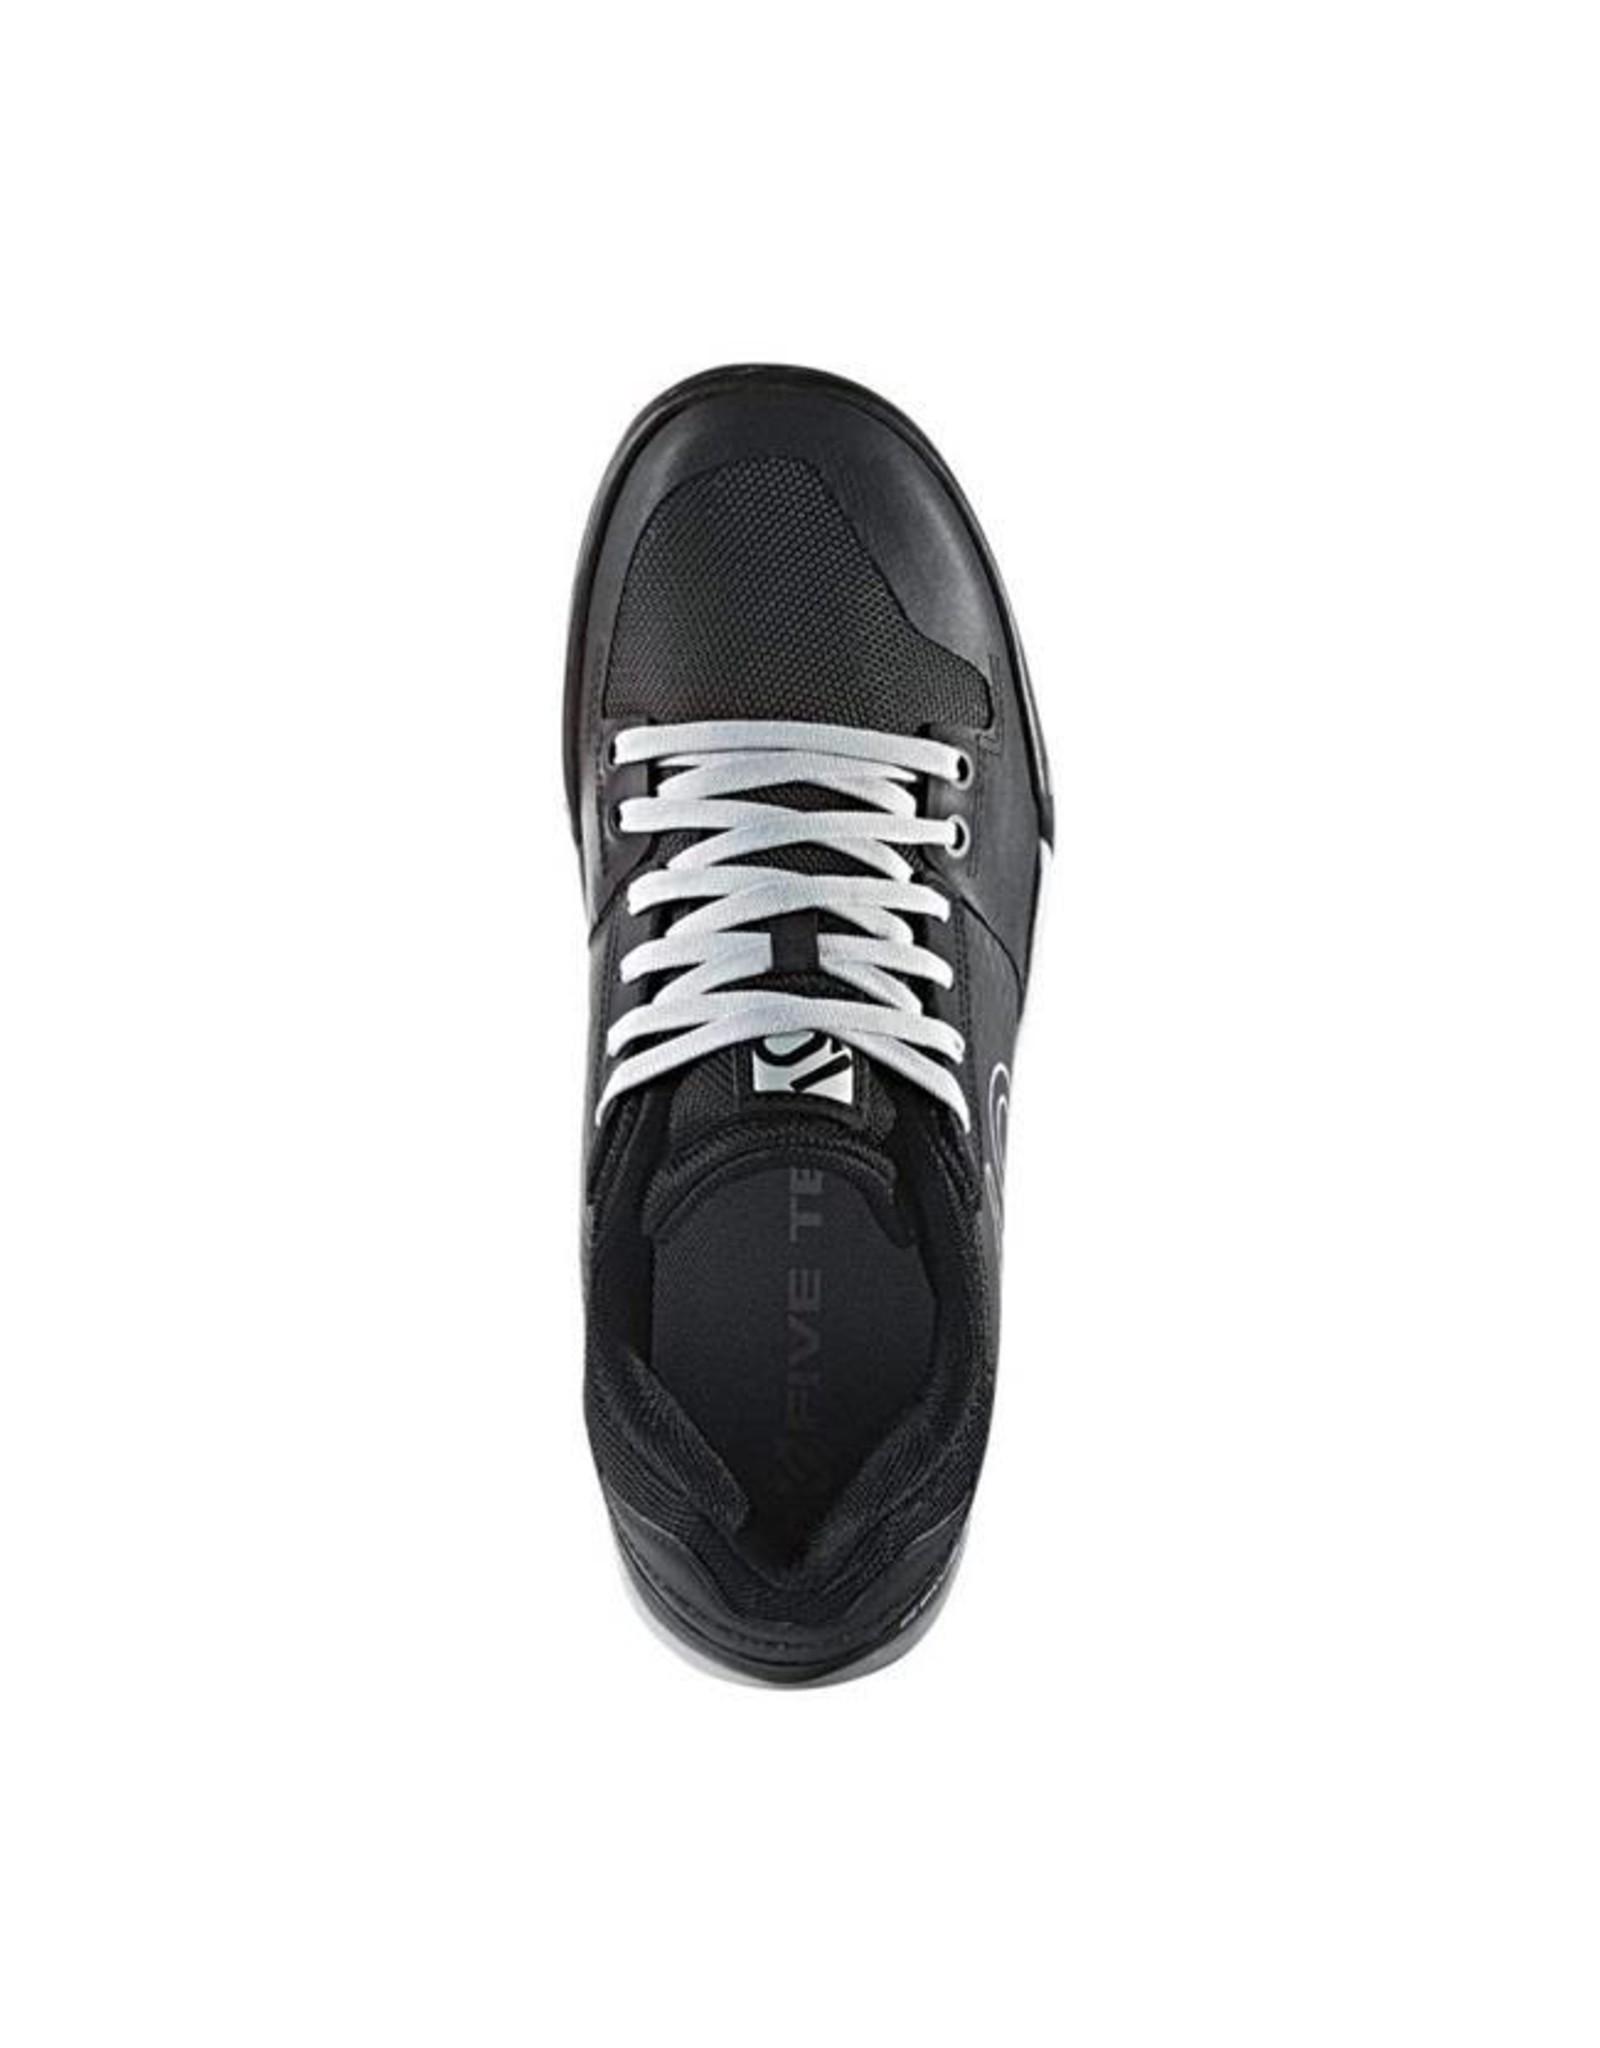 Five Ten Five Ten Freerider Contact Men's Flat Pedal Shoe: Split Black 8.5